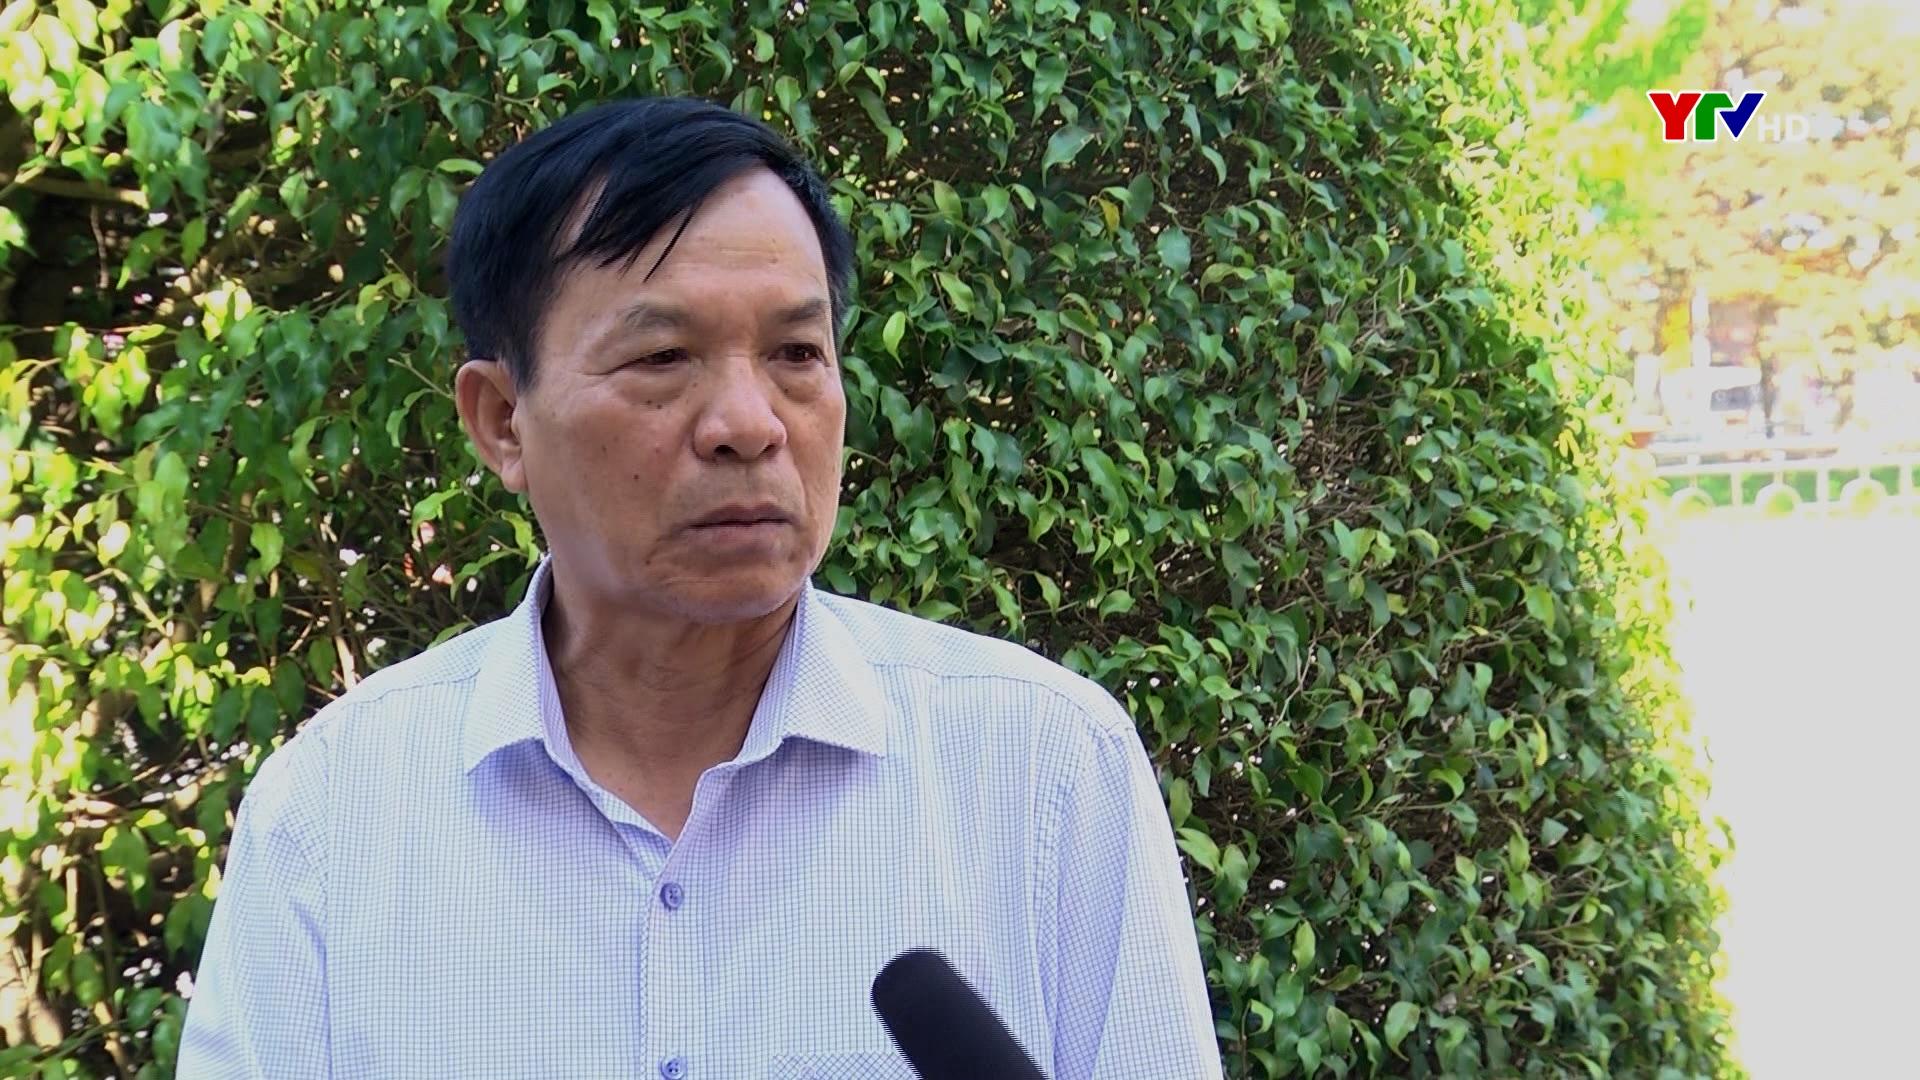 Cán bộ, đảng viên và nhân dân Yên Bái đóng góp ý kiến vào Dự thảo các văn kiện Đại hội XIII của Đảng